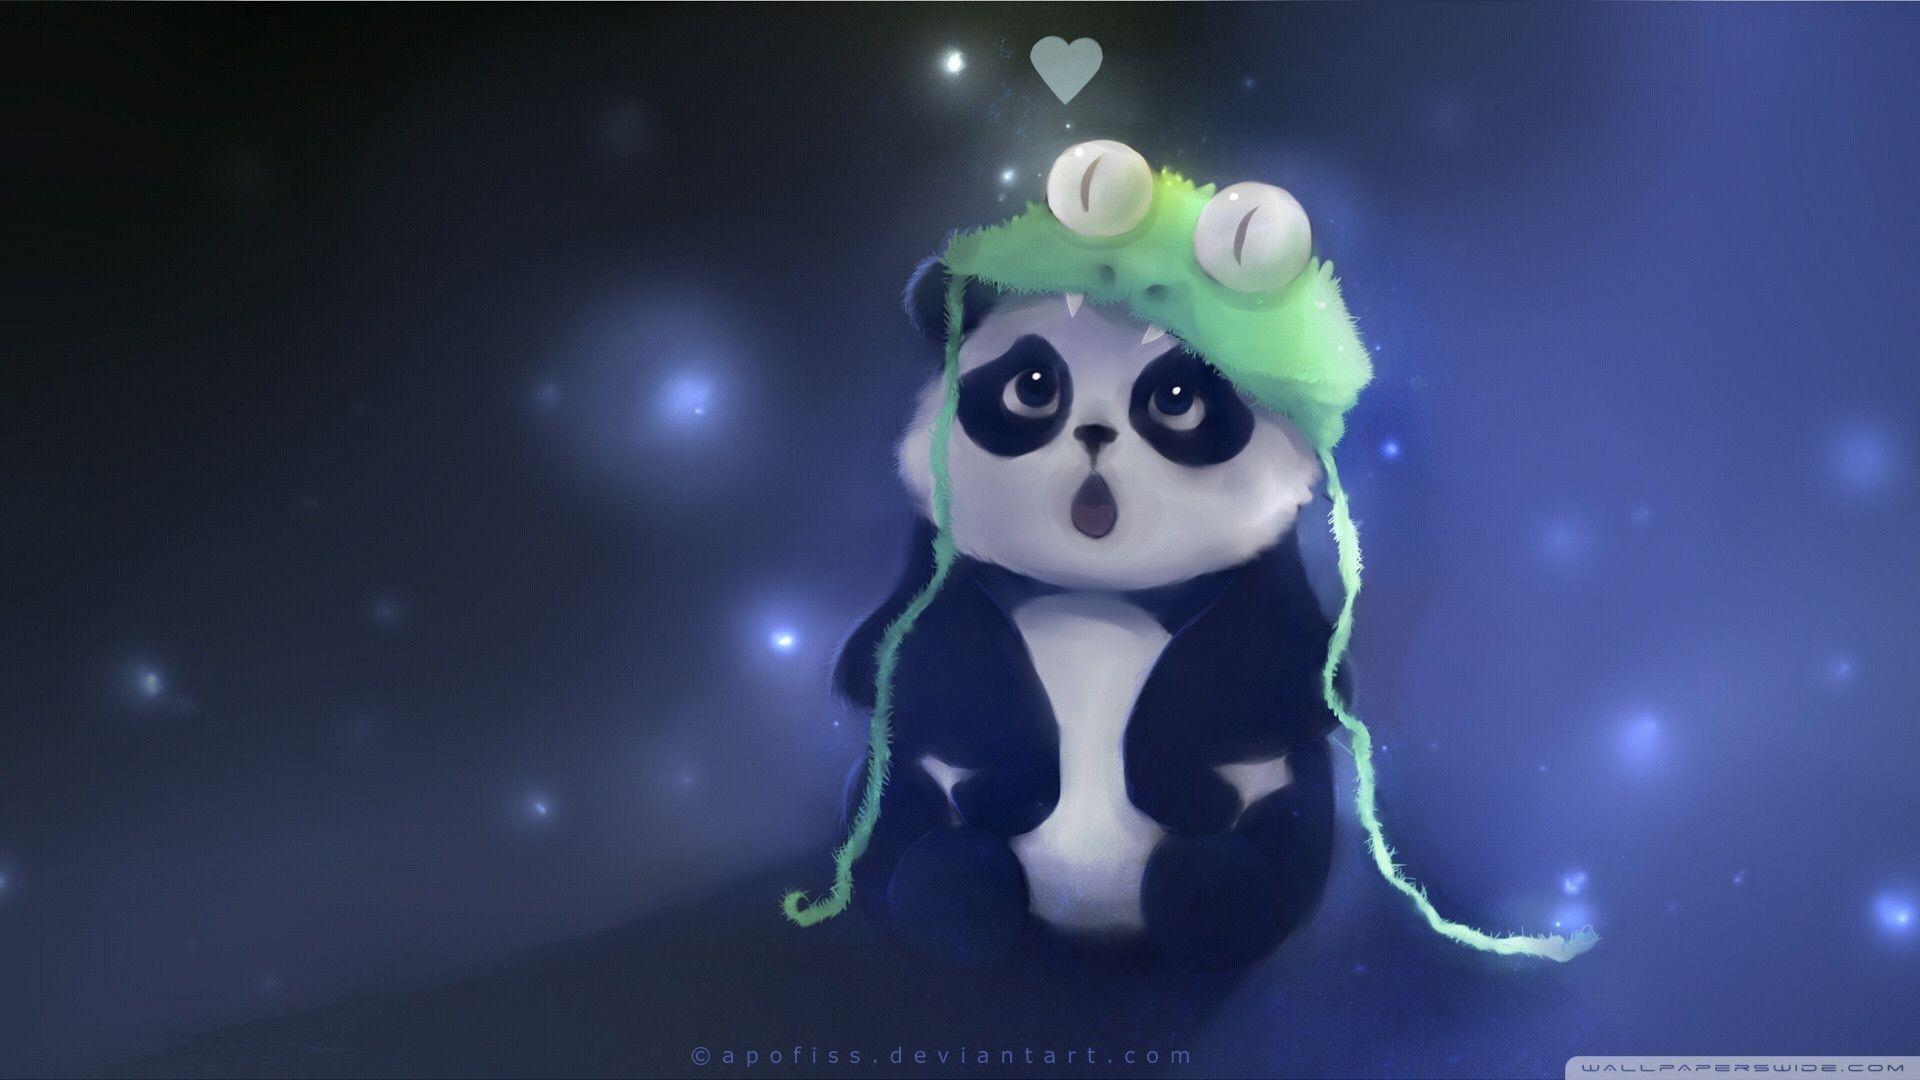 Baby Panda Wallpaper – WallpaperSafari